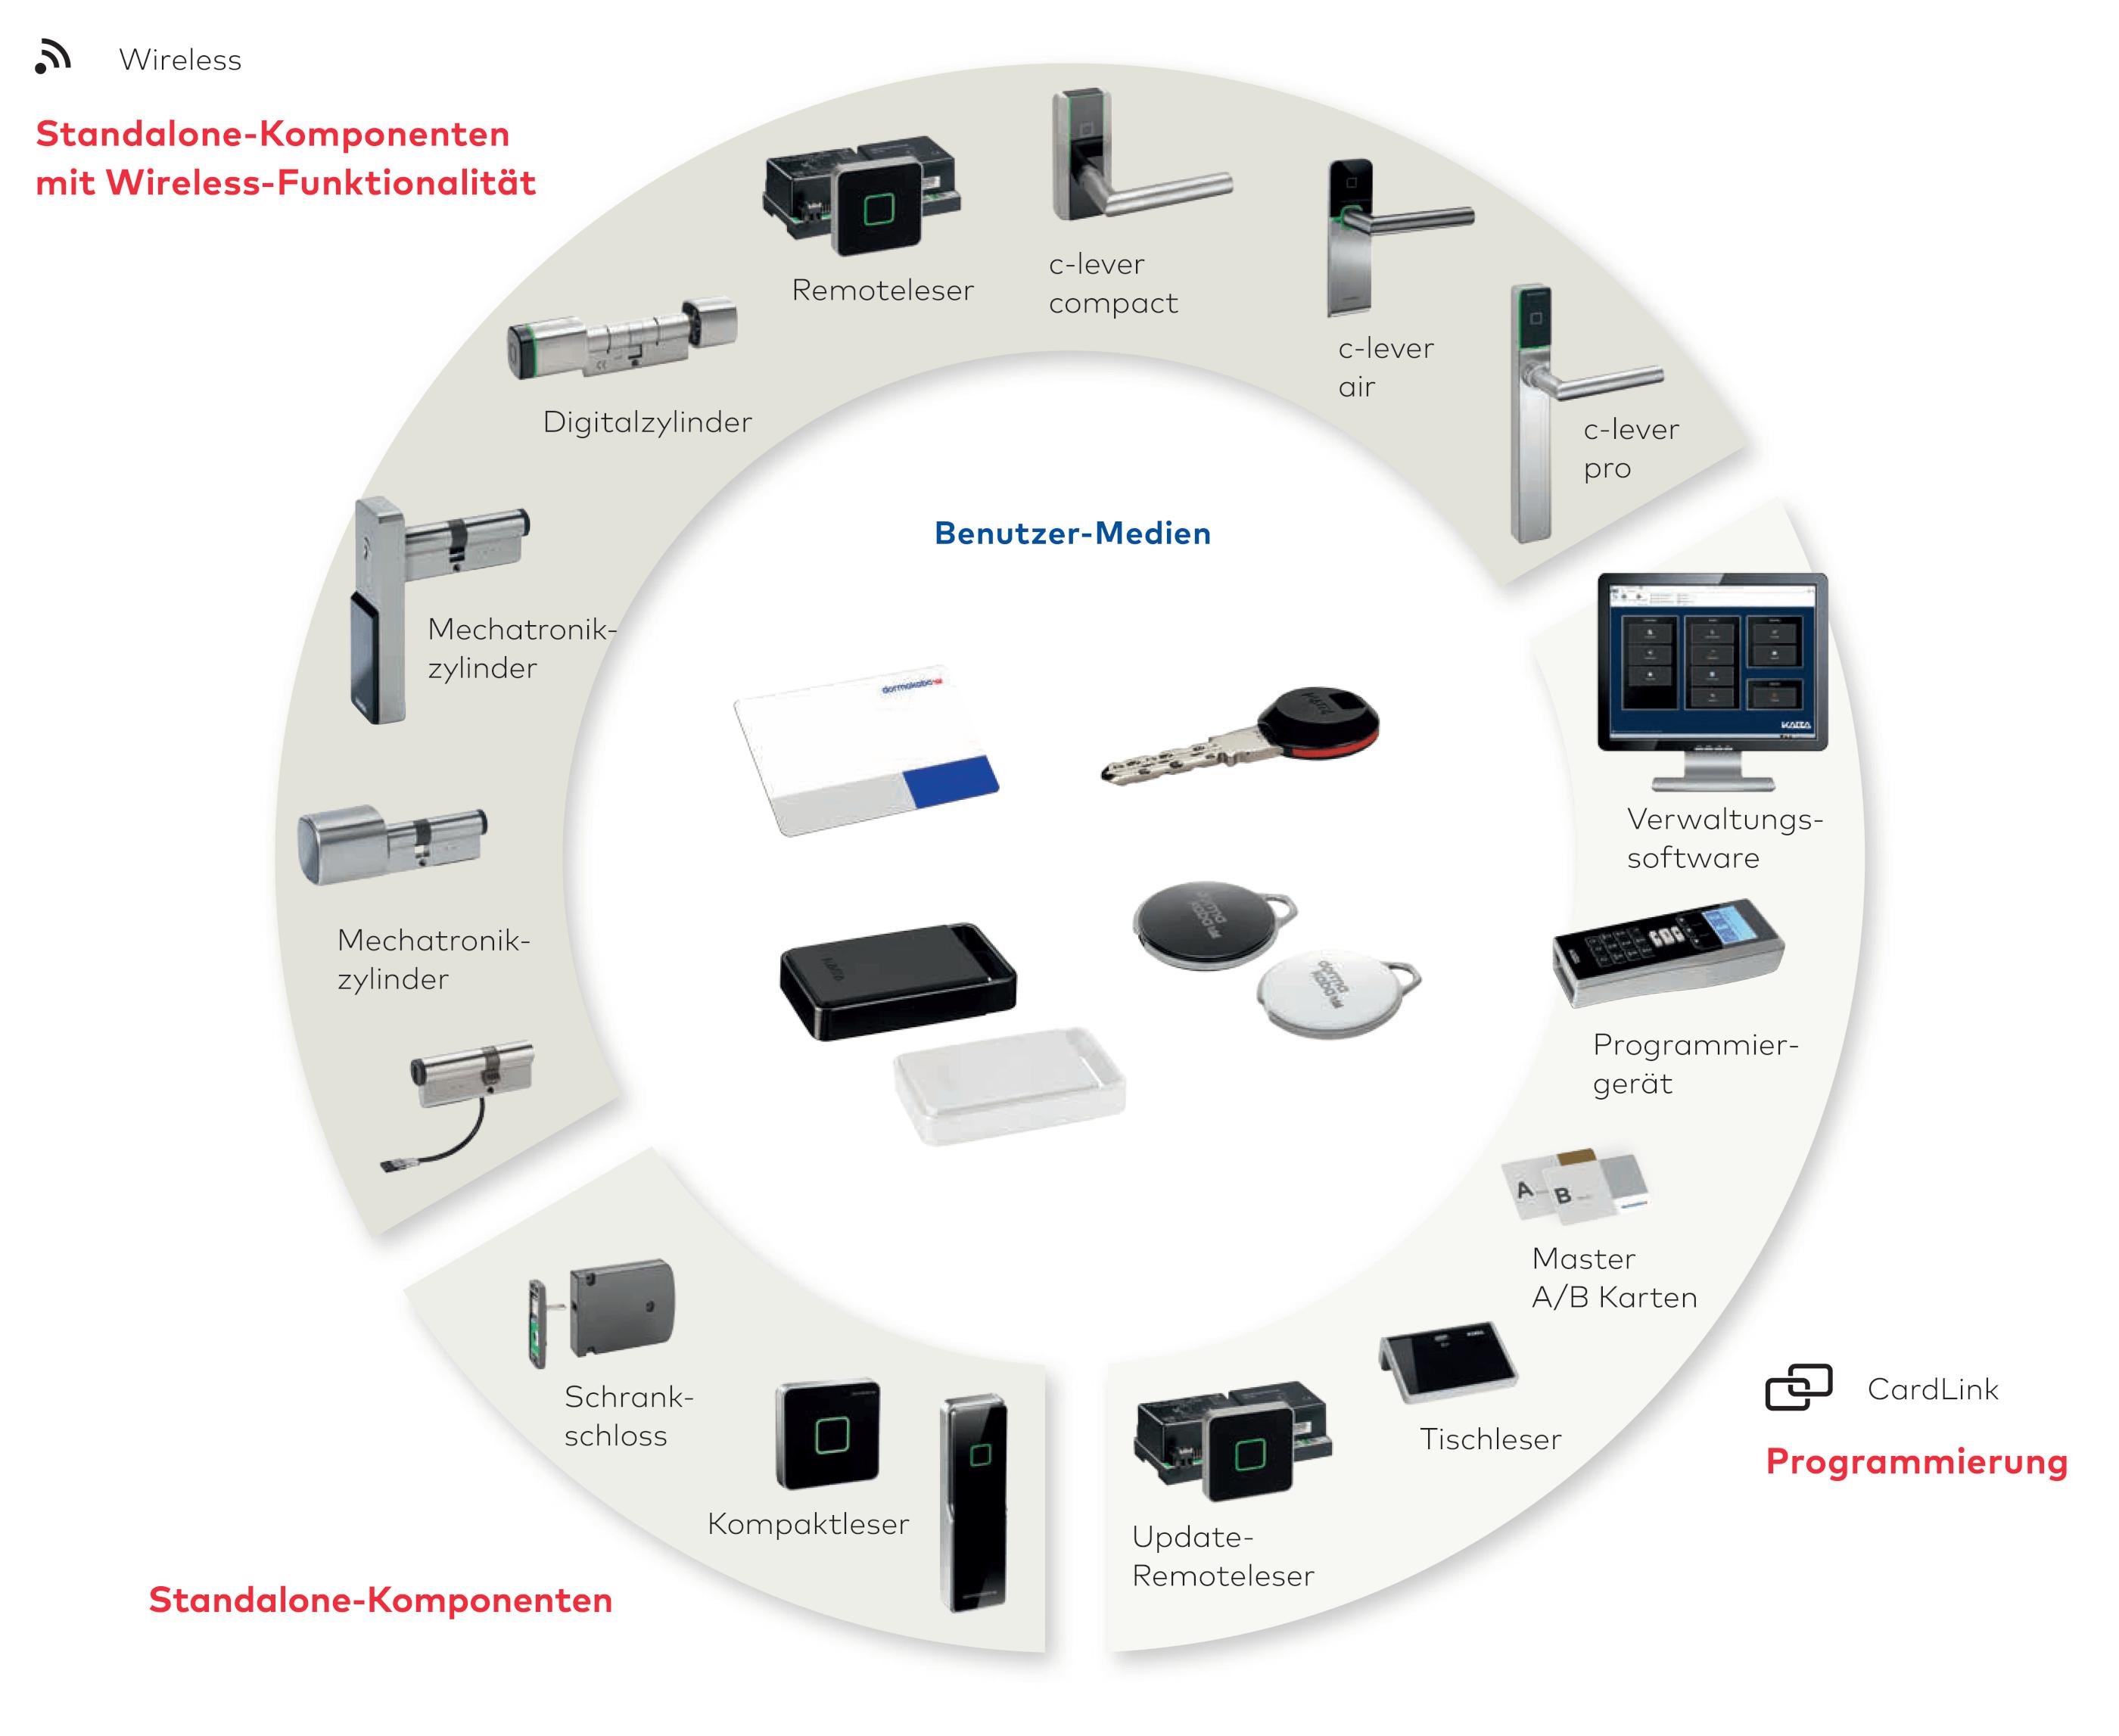 uebersicht komponenten